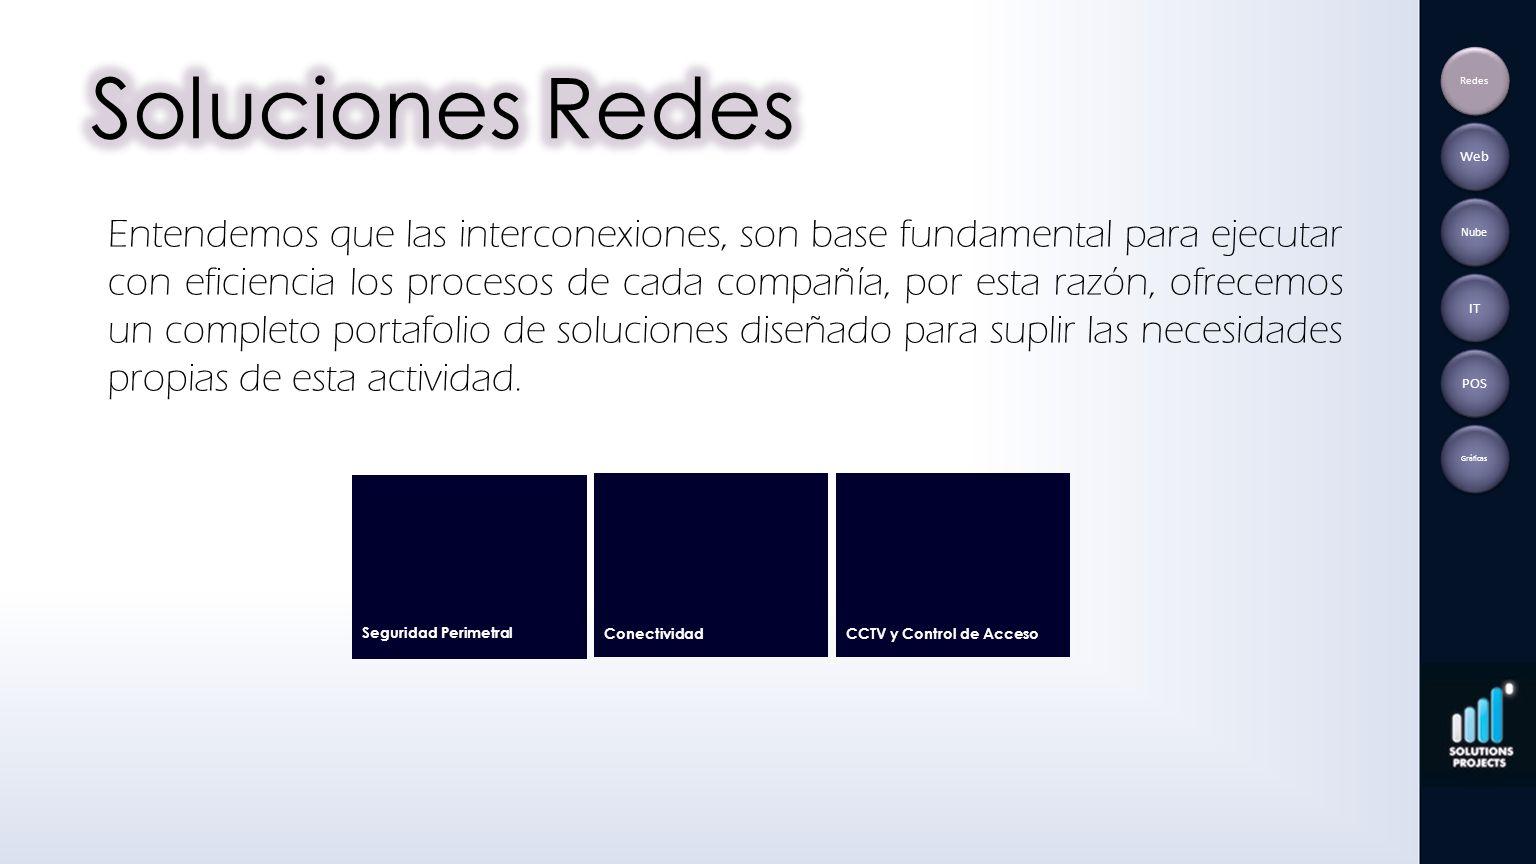 Soluciones Redes Redes. Web.